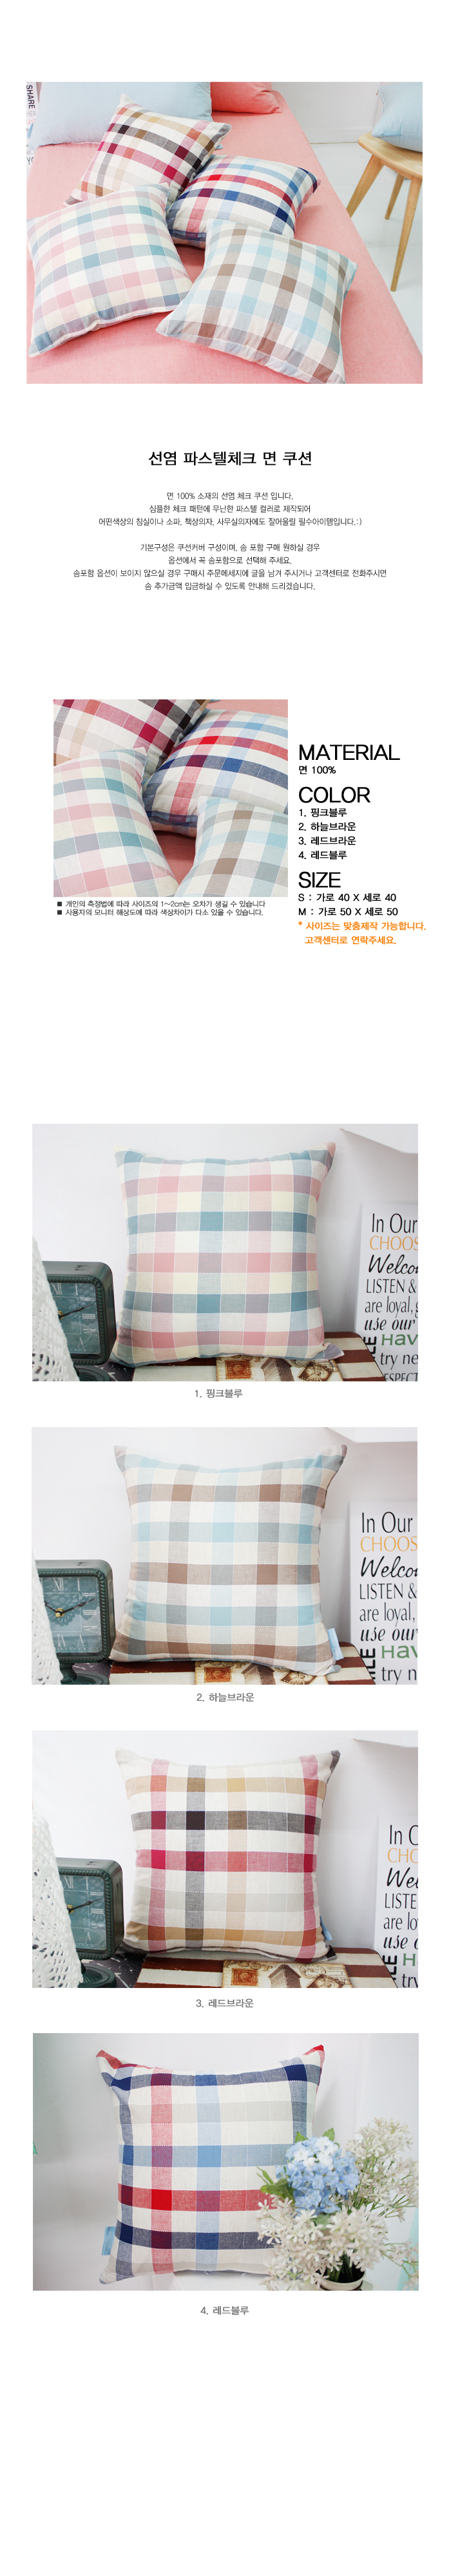 선염 파스텔체크 쿠션 - 4color - 레브라이프, 14,600원, 쿠션, 체크/스트라이프